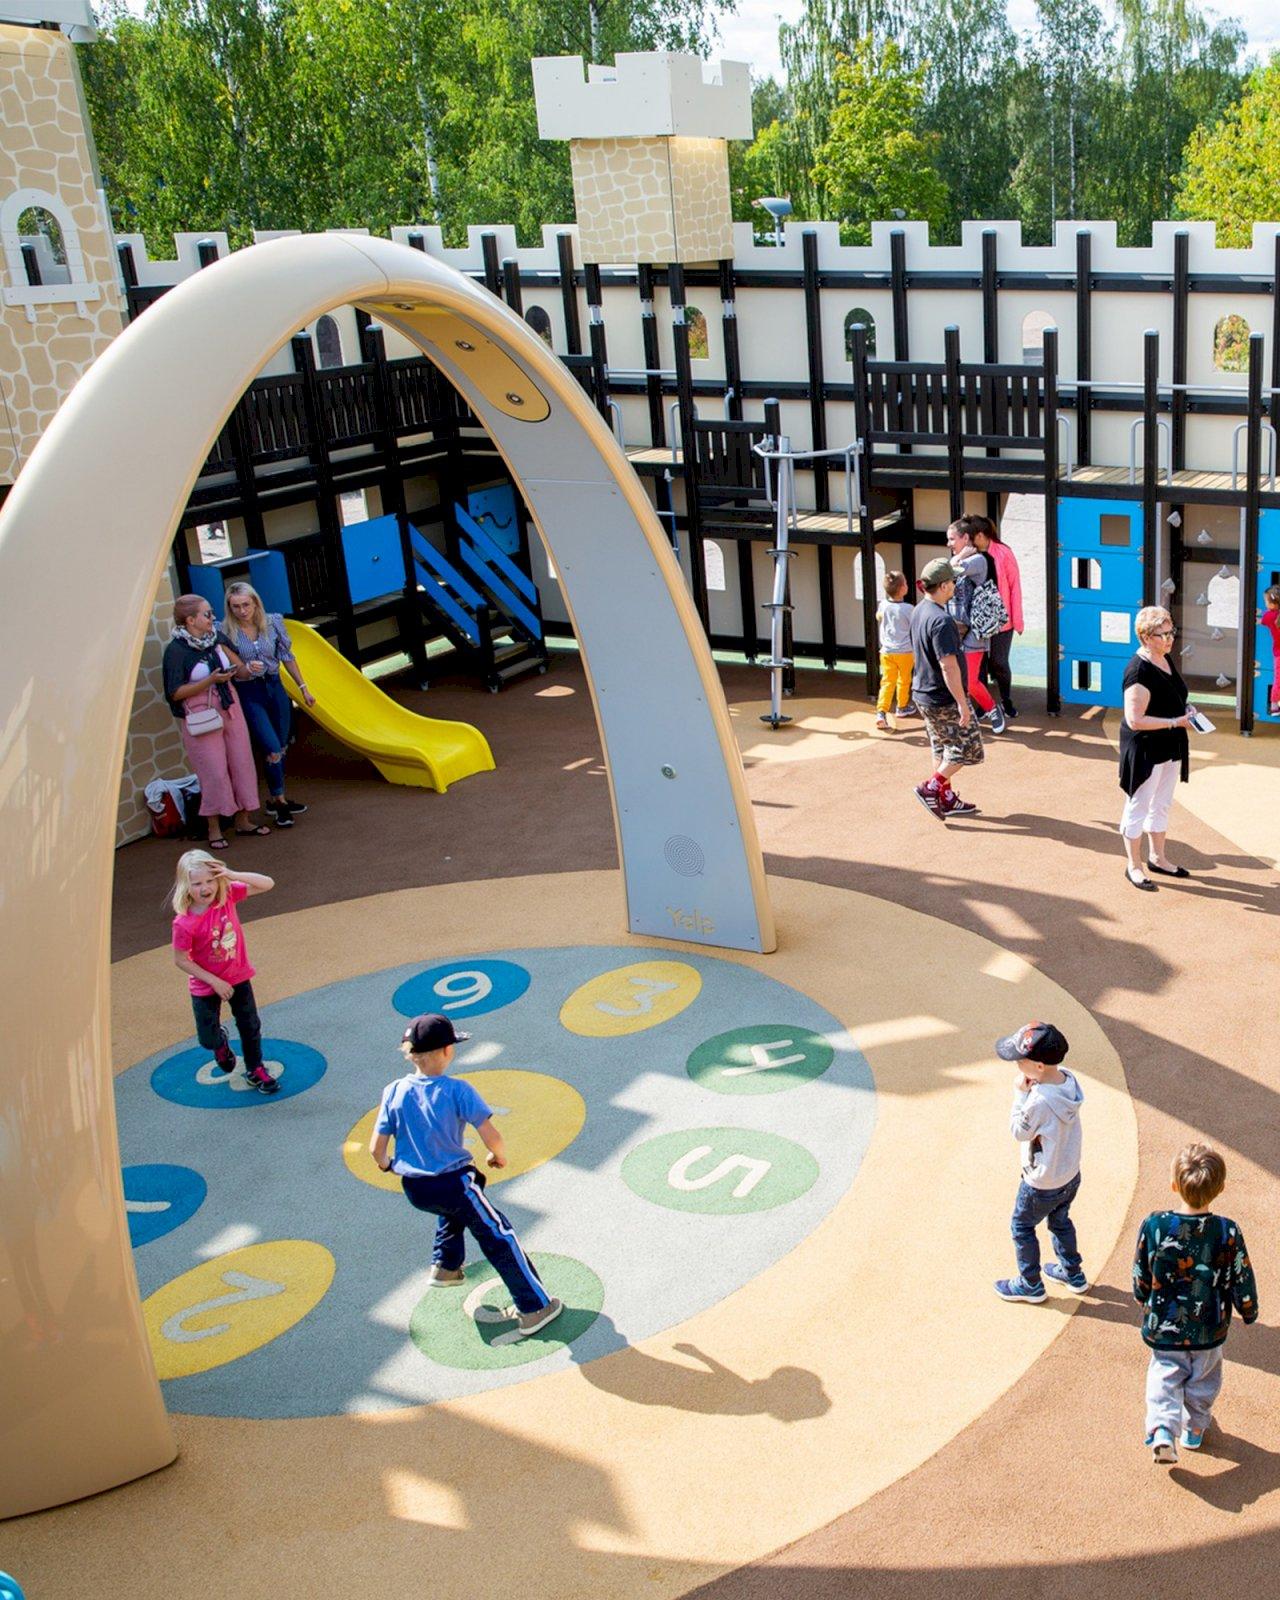 Lapset leikkivät Launeen perhepuiston leikkipuistossa.